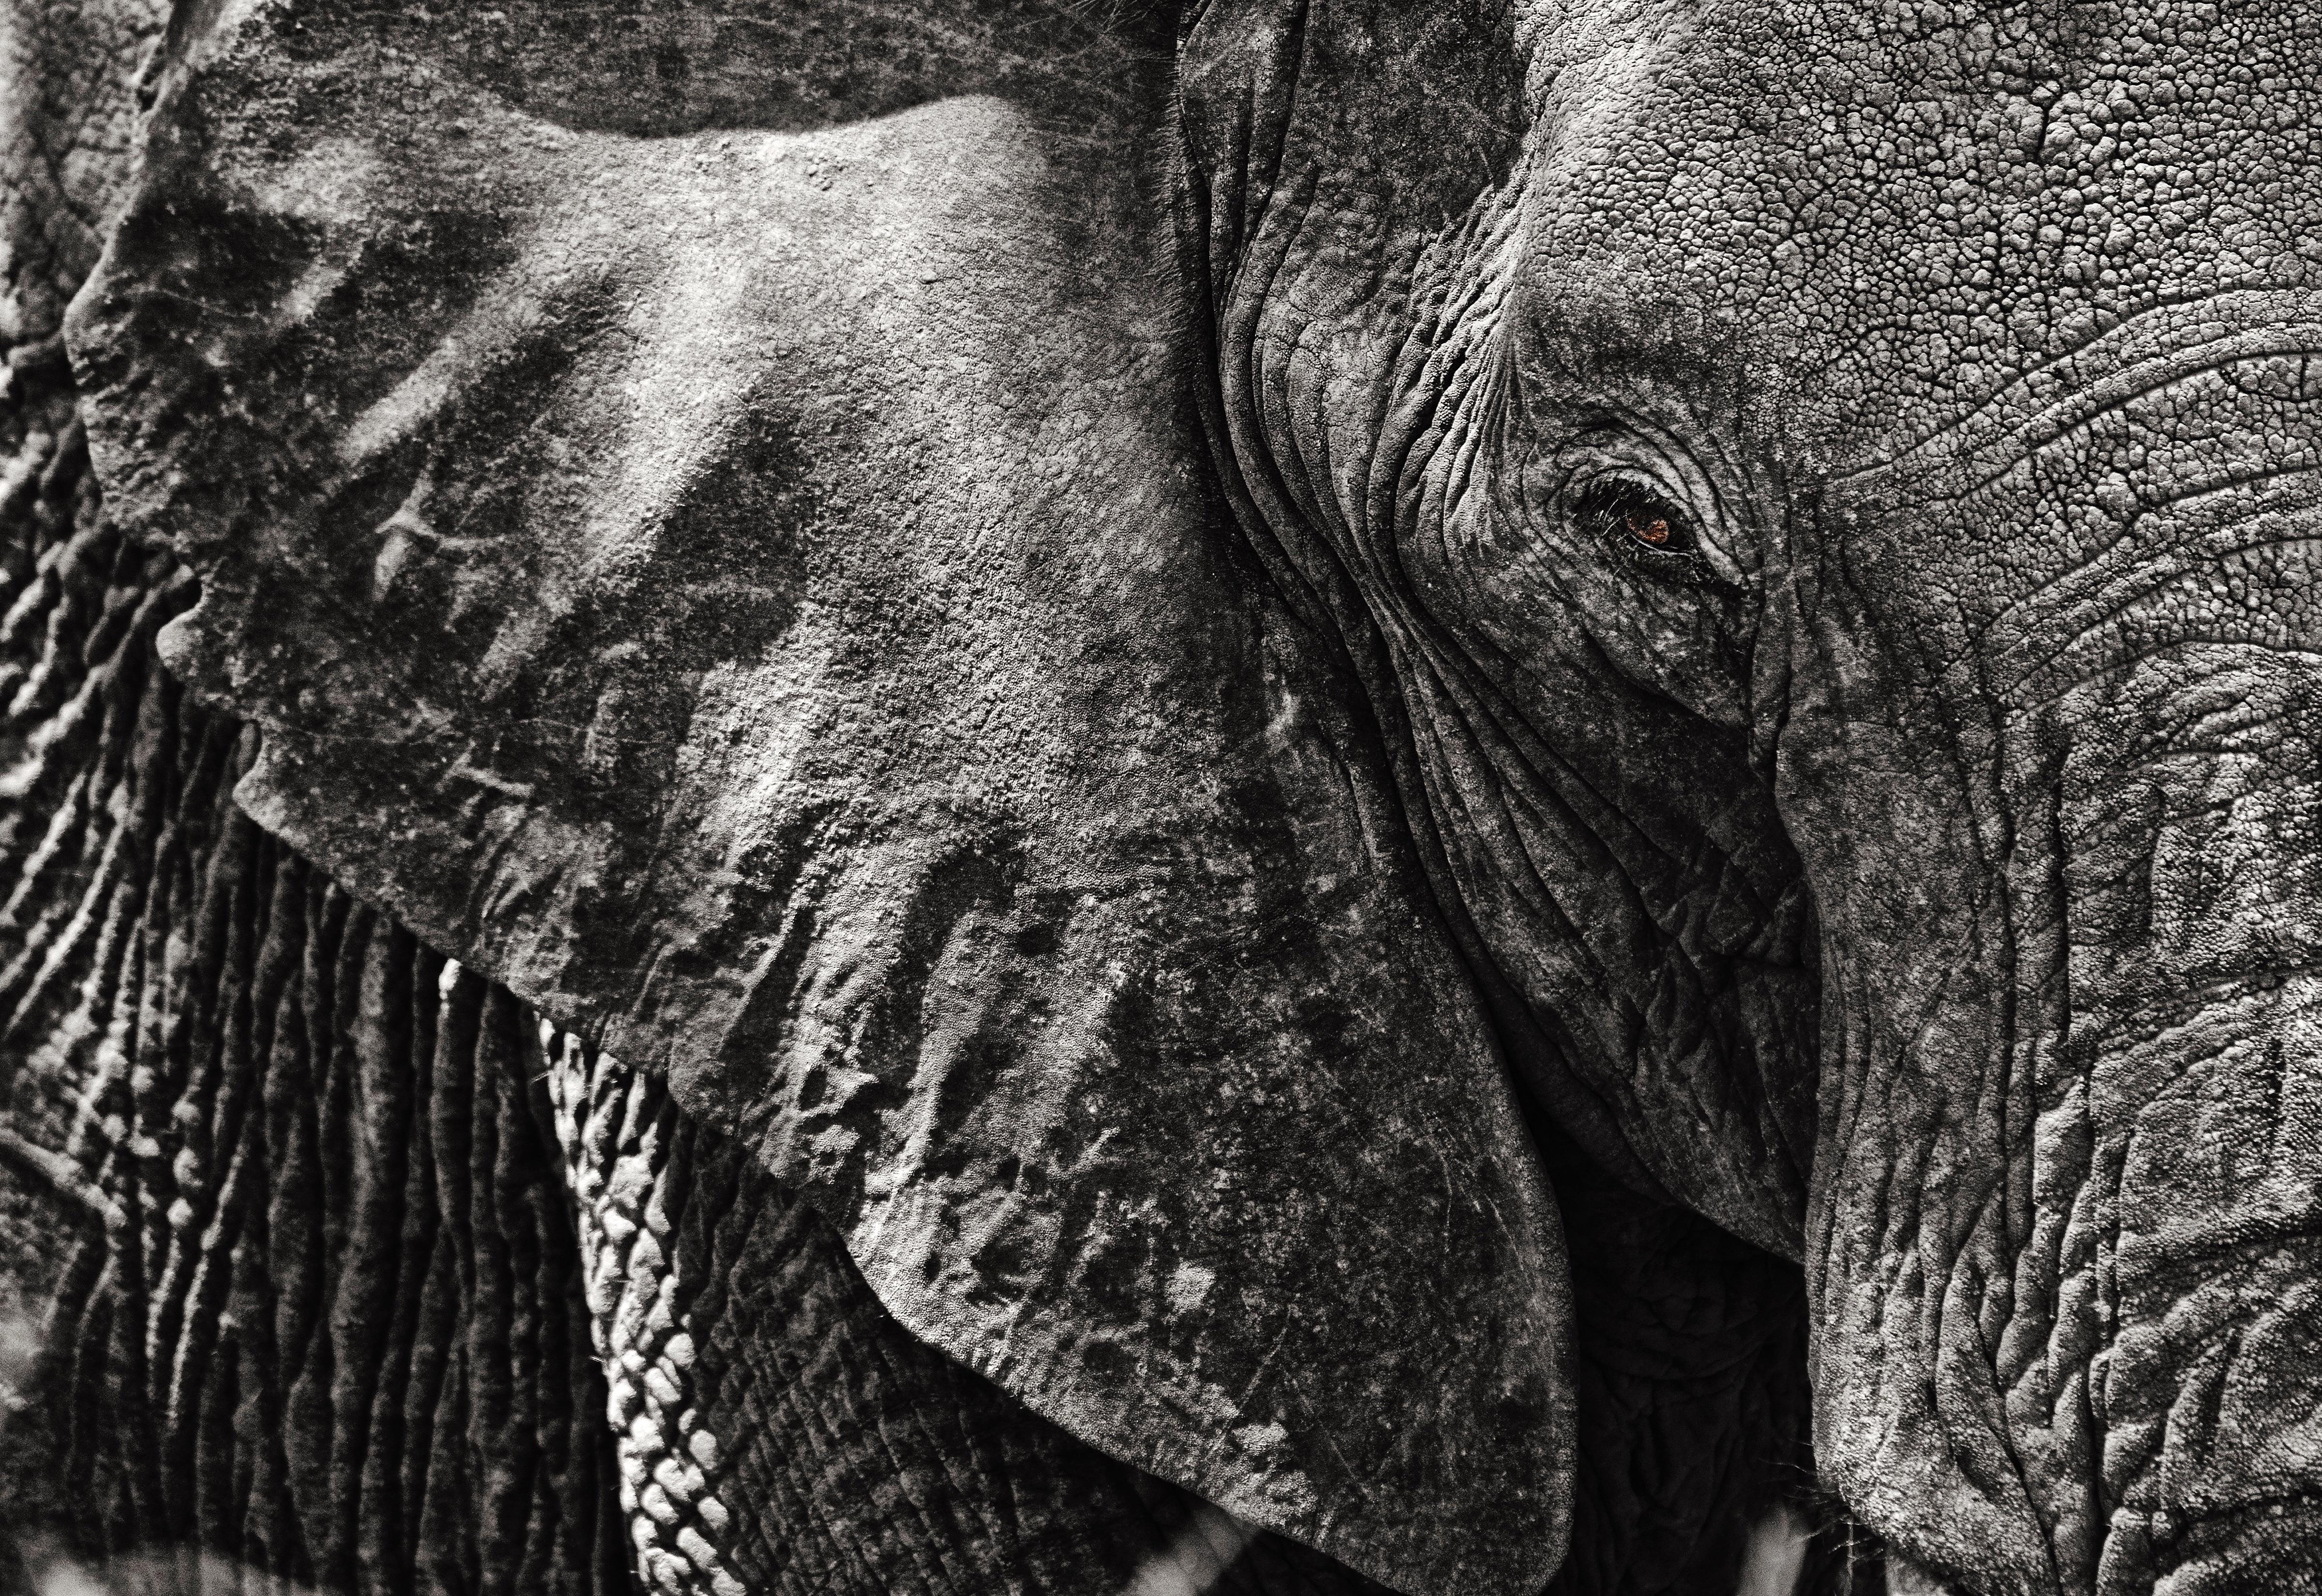 African Elephant in Kruger